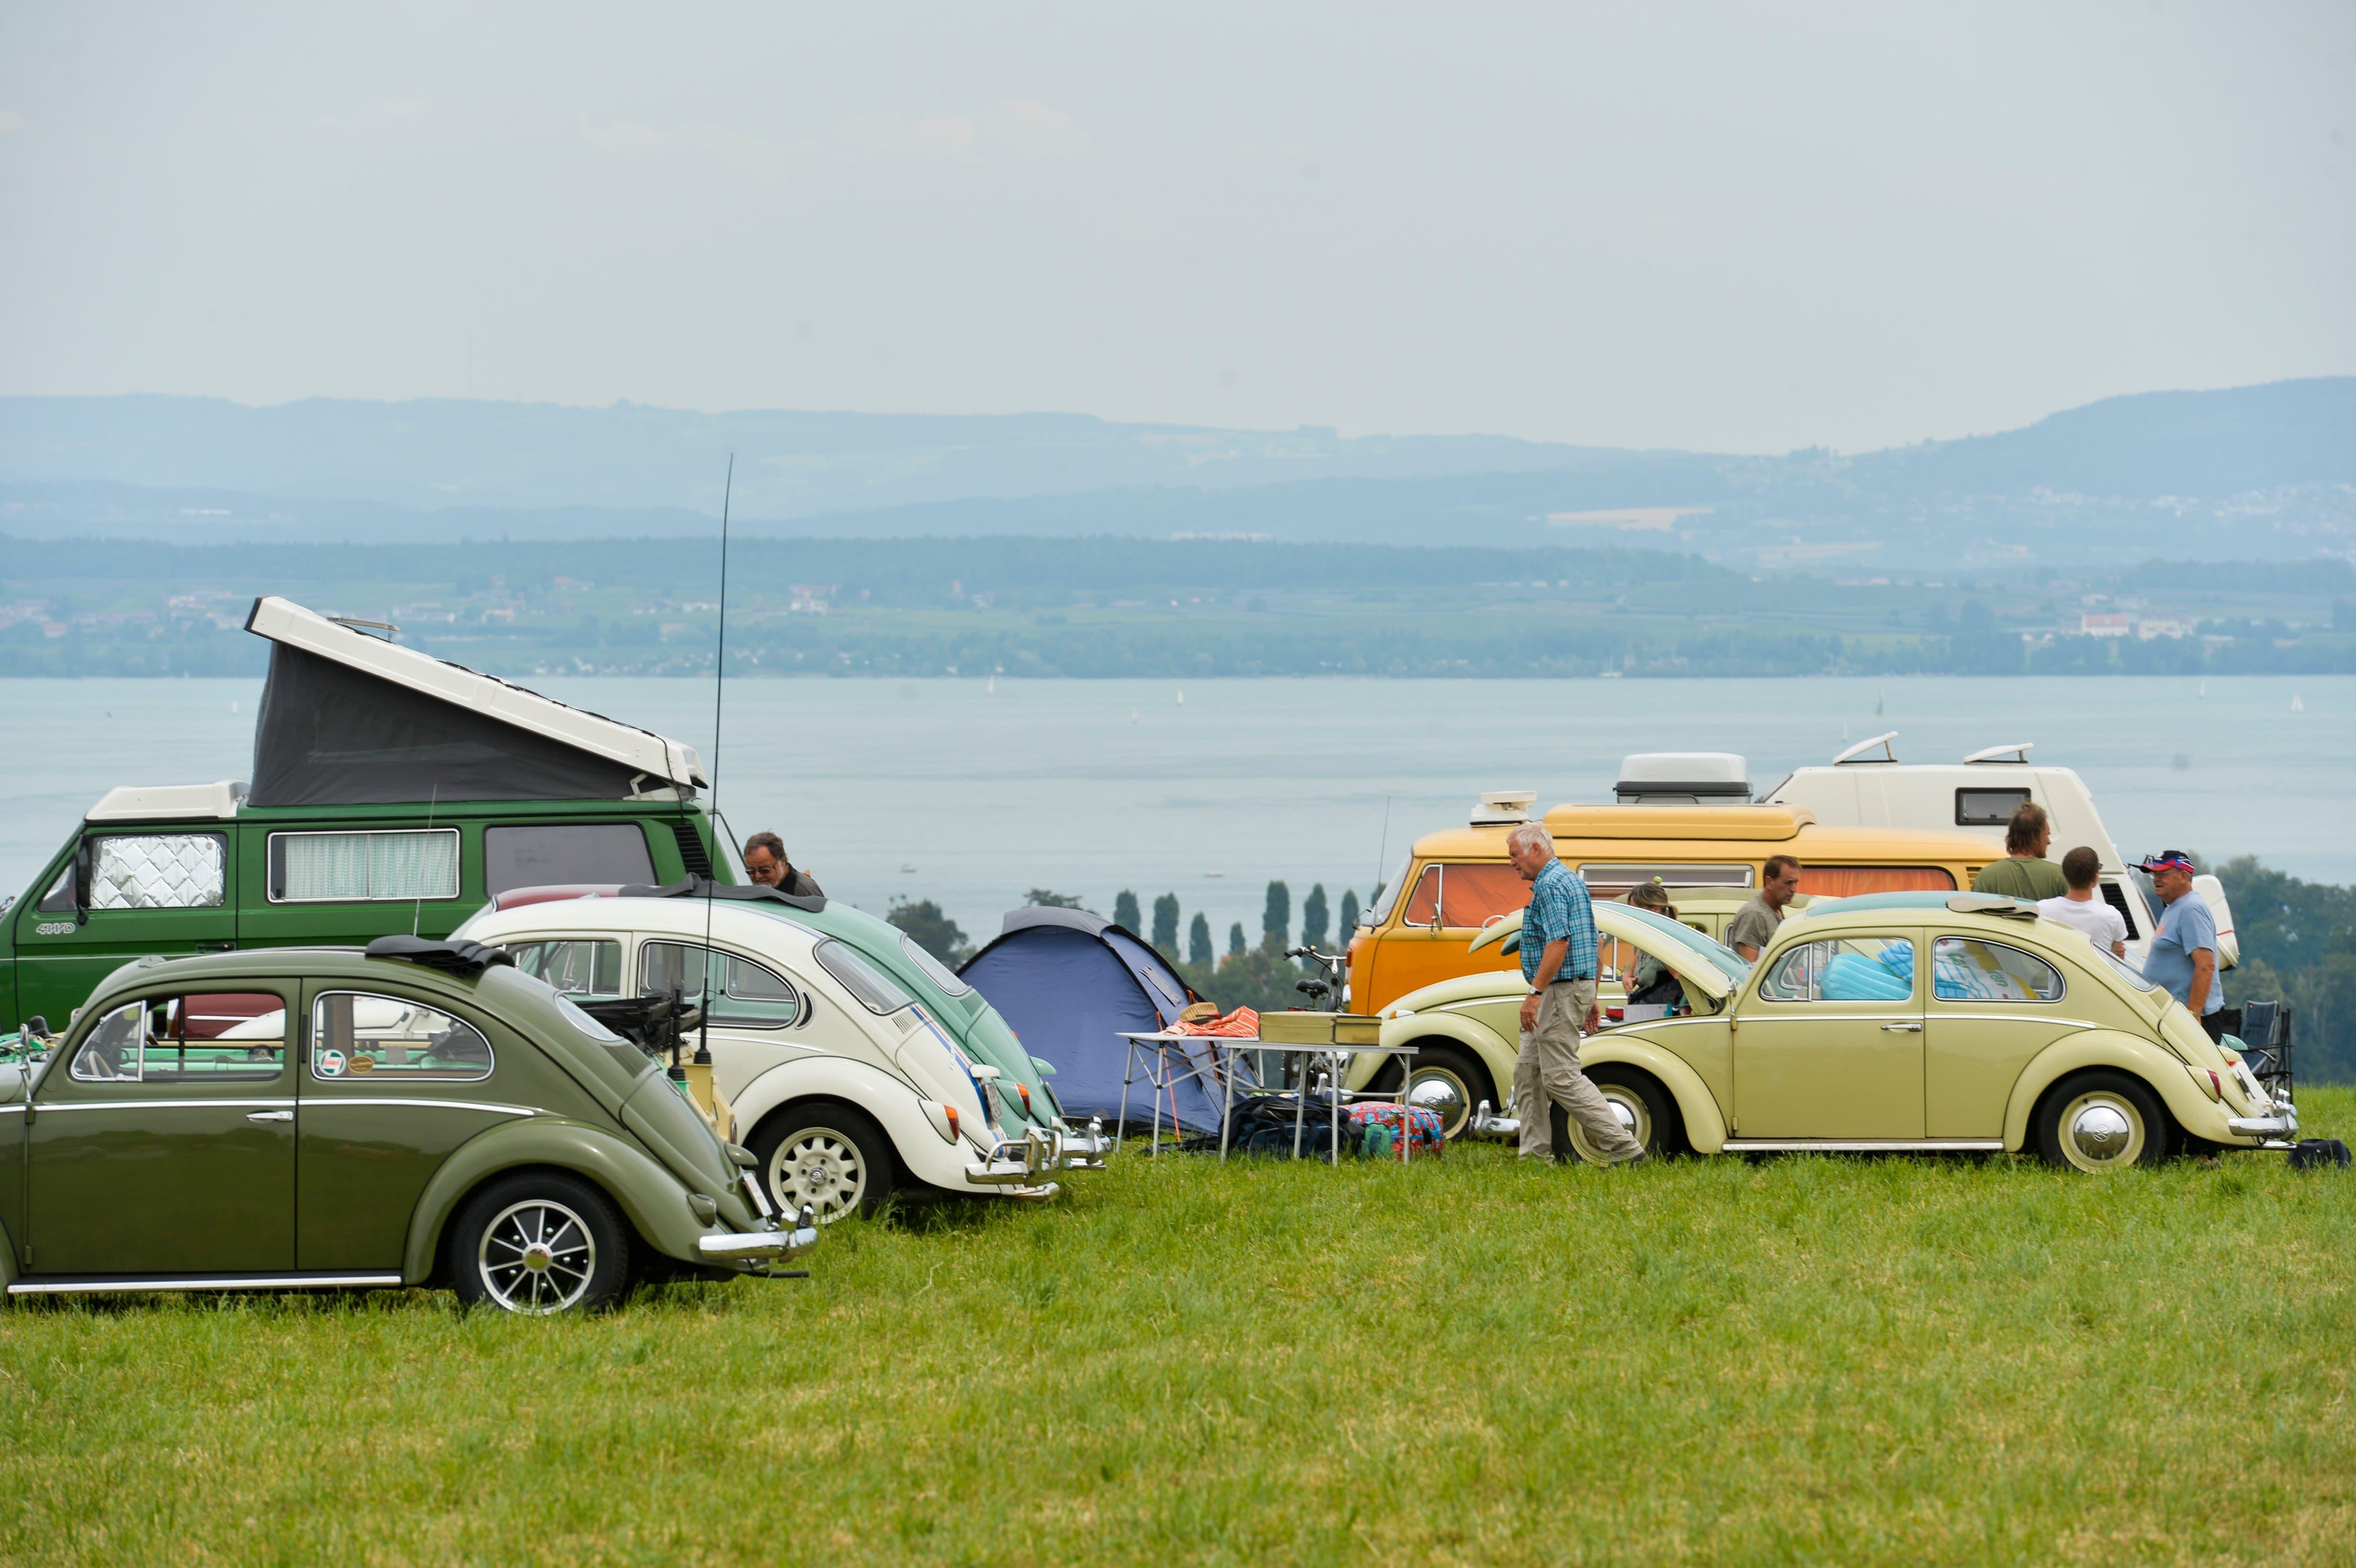 Autoschau mit Ausblick auf den Bodensee. (Bild: Donato Caspari)